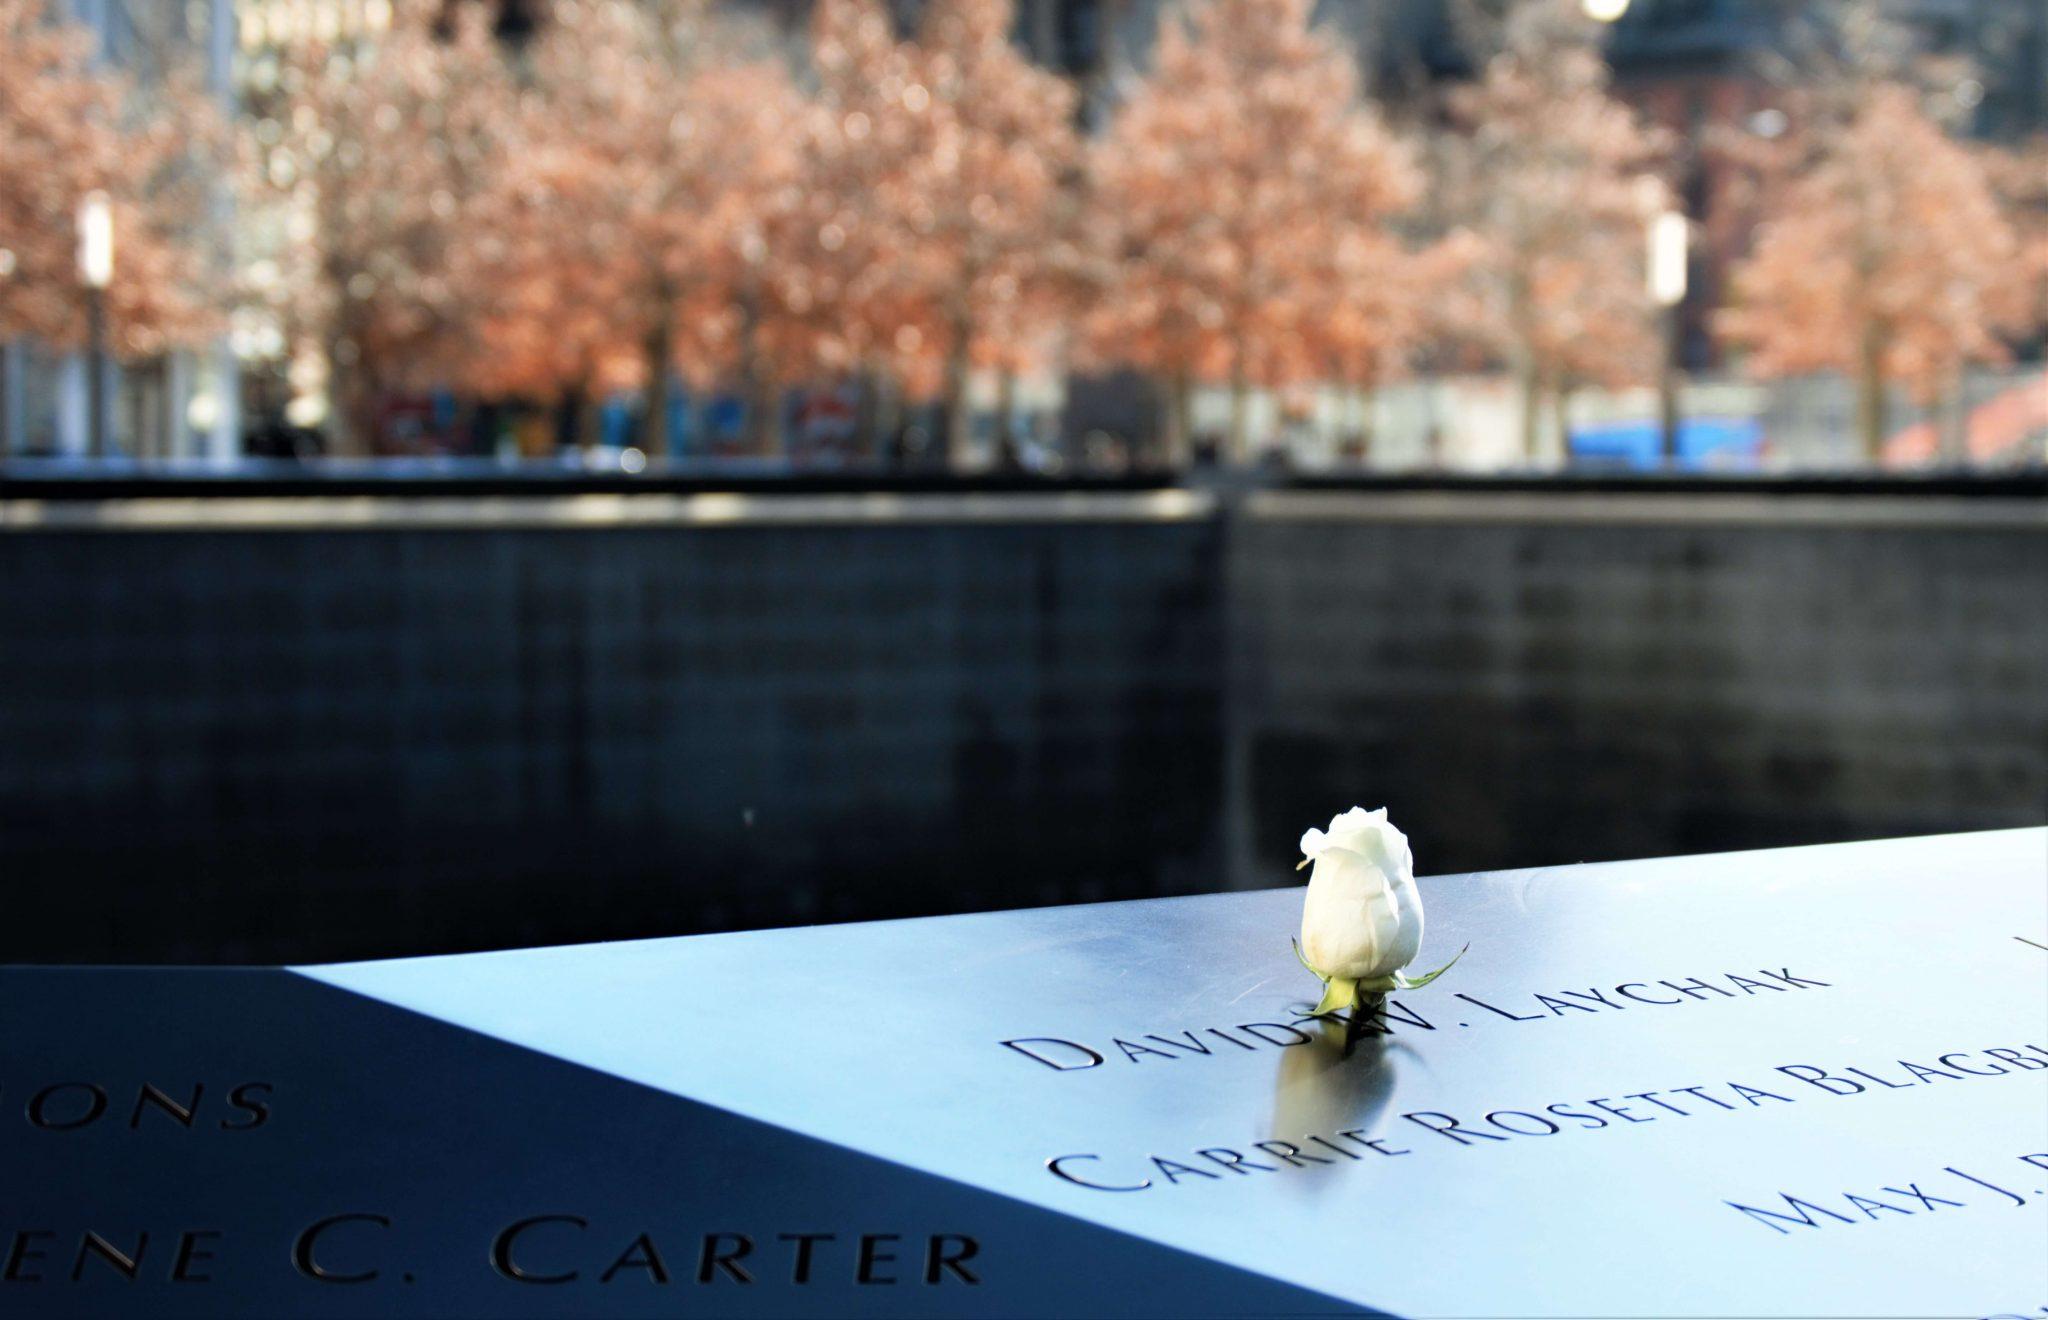 Musei di New York: 9/11 Memorial